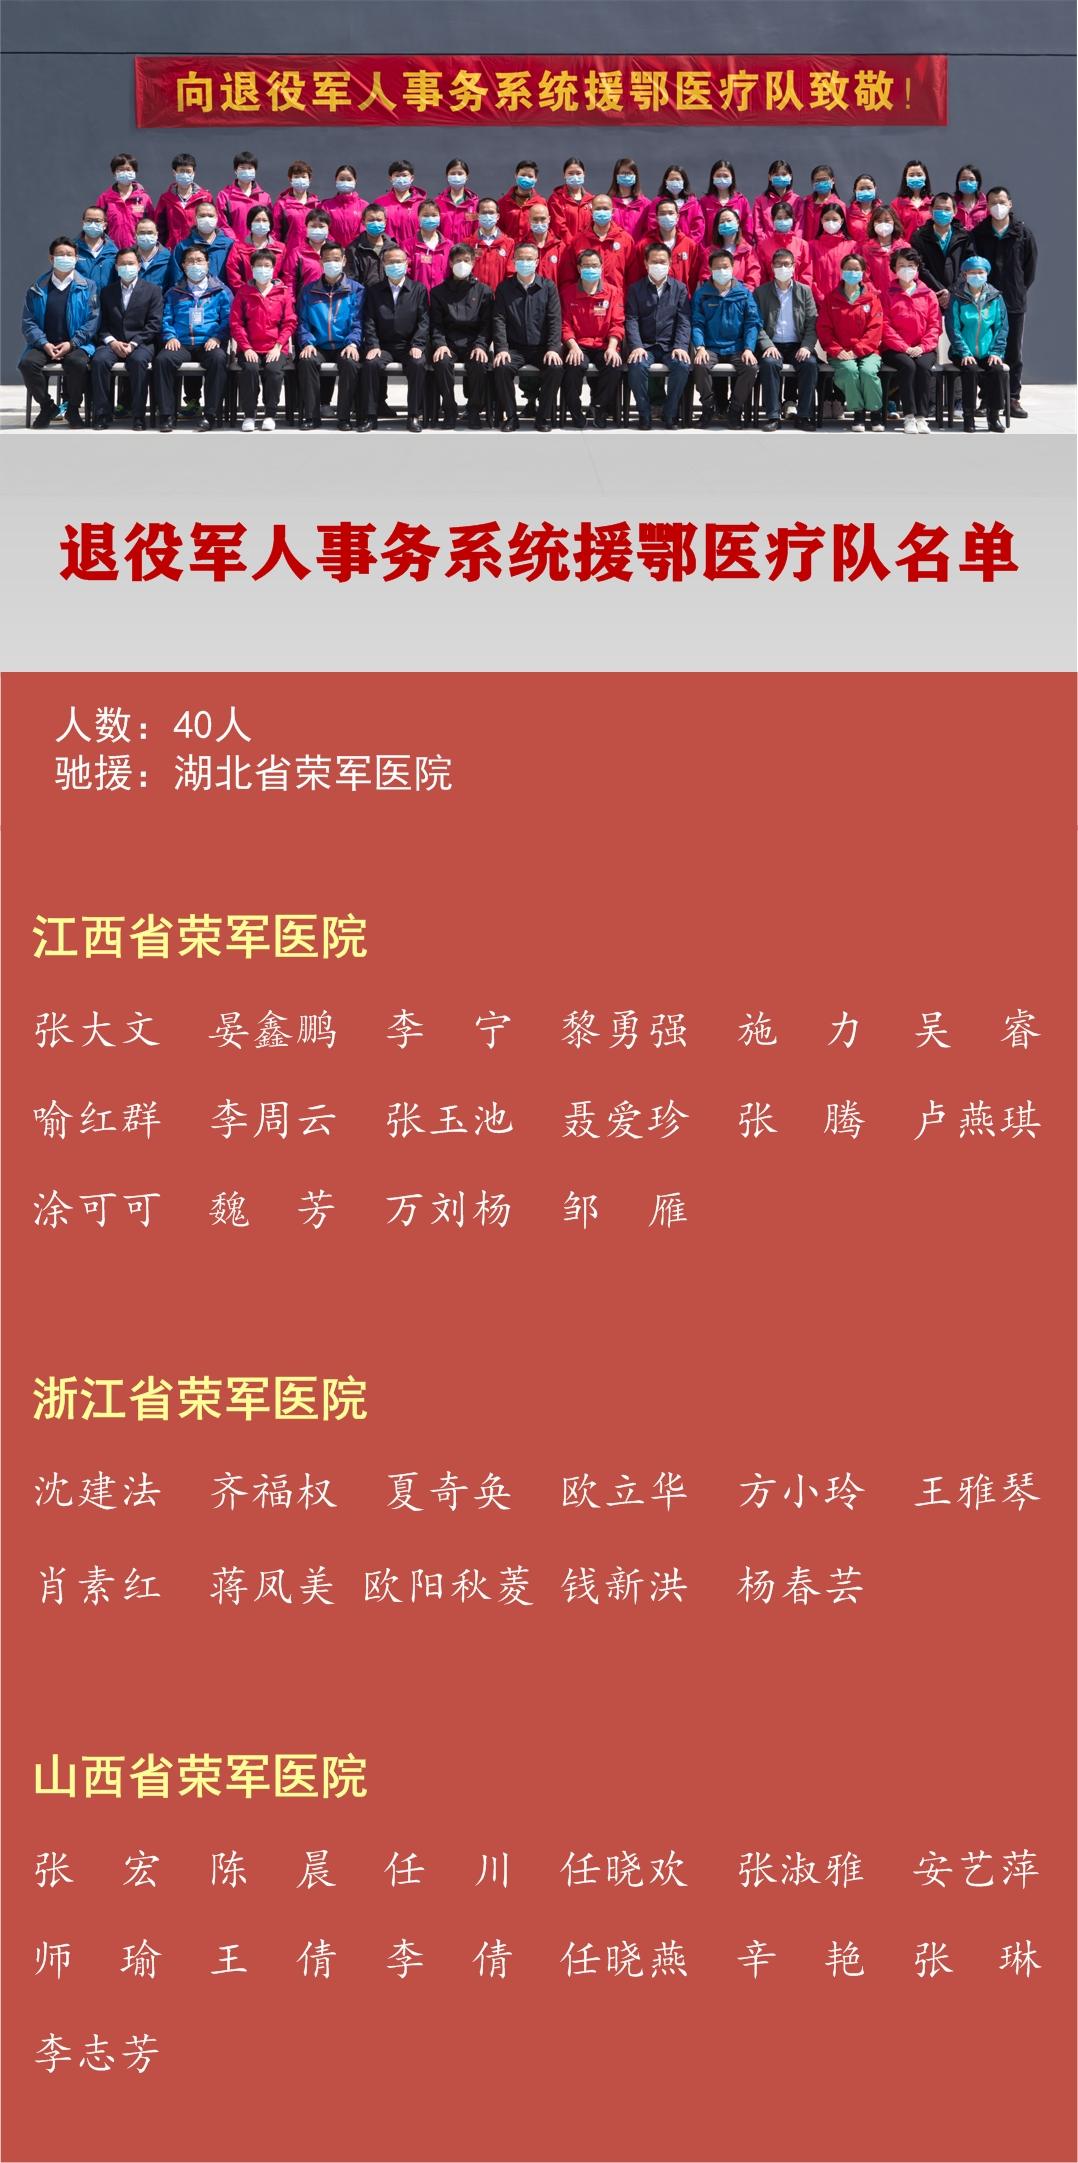 """退役军人事务系统医疗队临时党支部获""""全国抗击新冠肺炎疫情先进集体""""称号"""